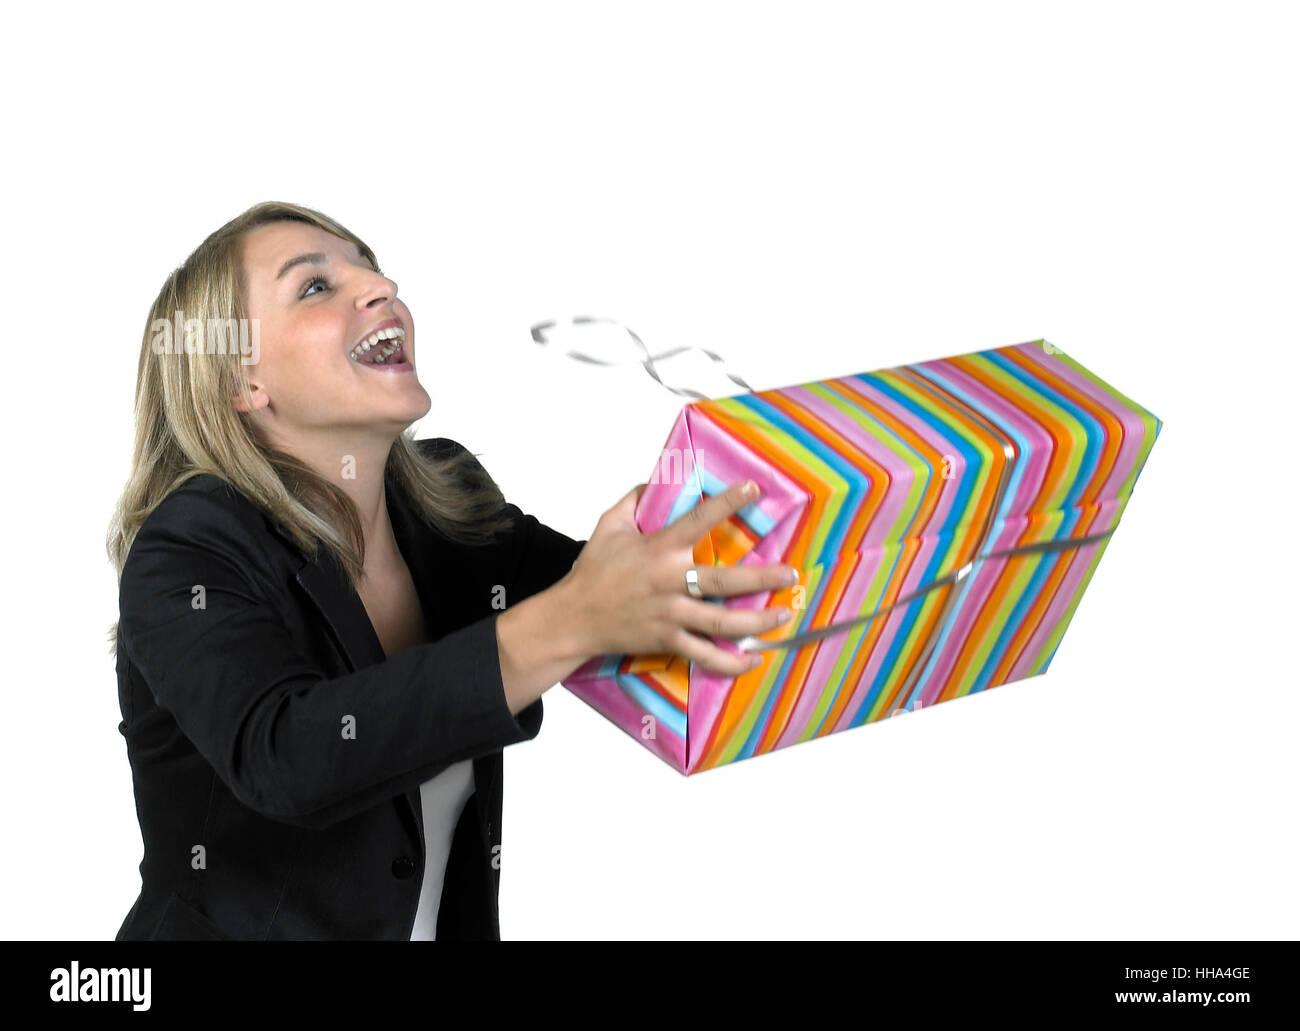 Lachen niedliche Mädchen erhalten ein Geschenkpaket, isoliert auf weiss Stockfoto